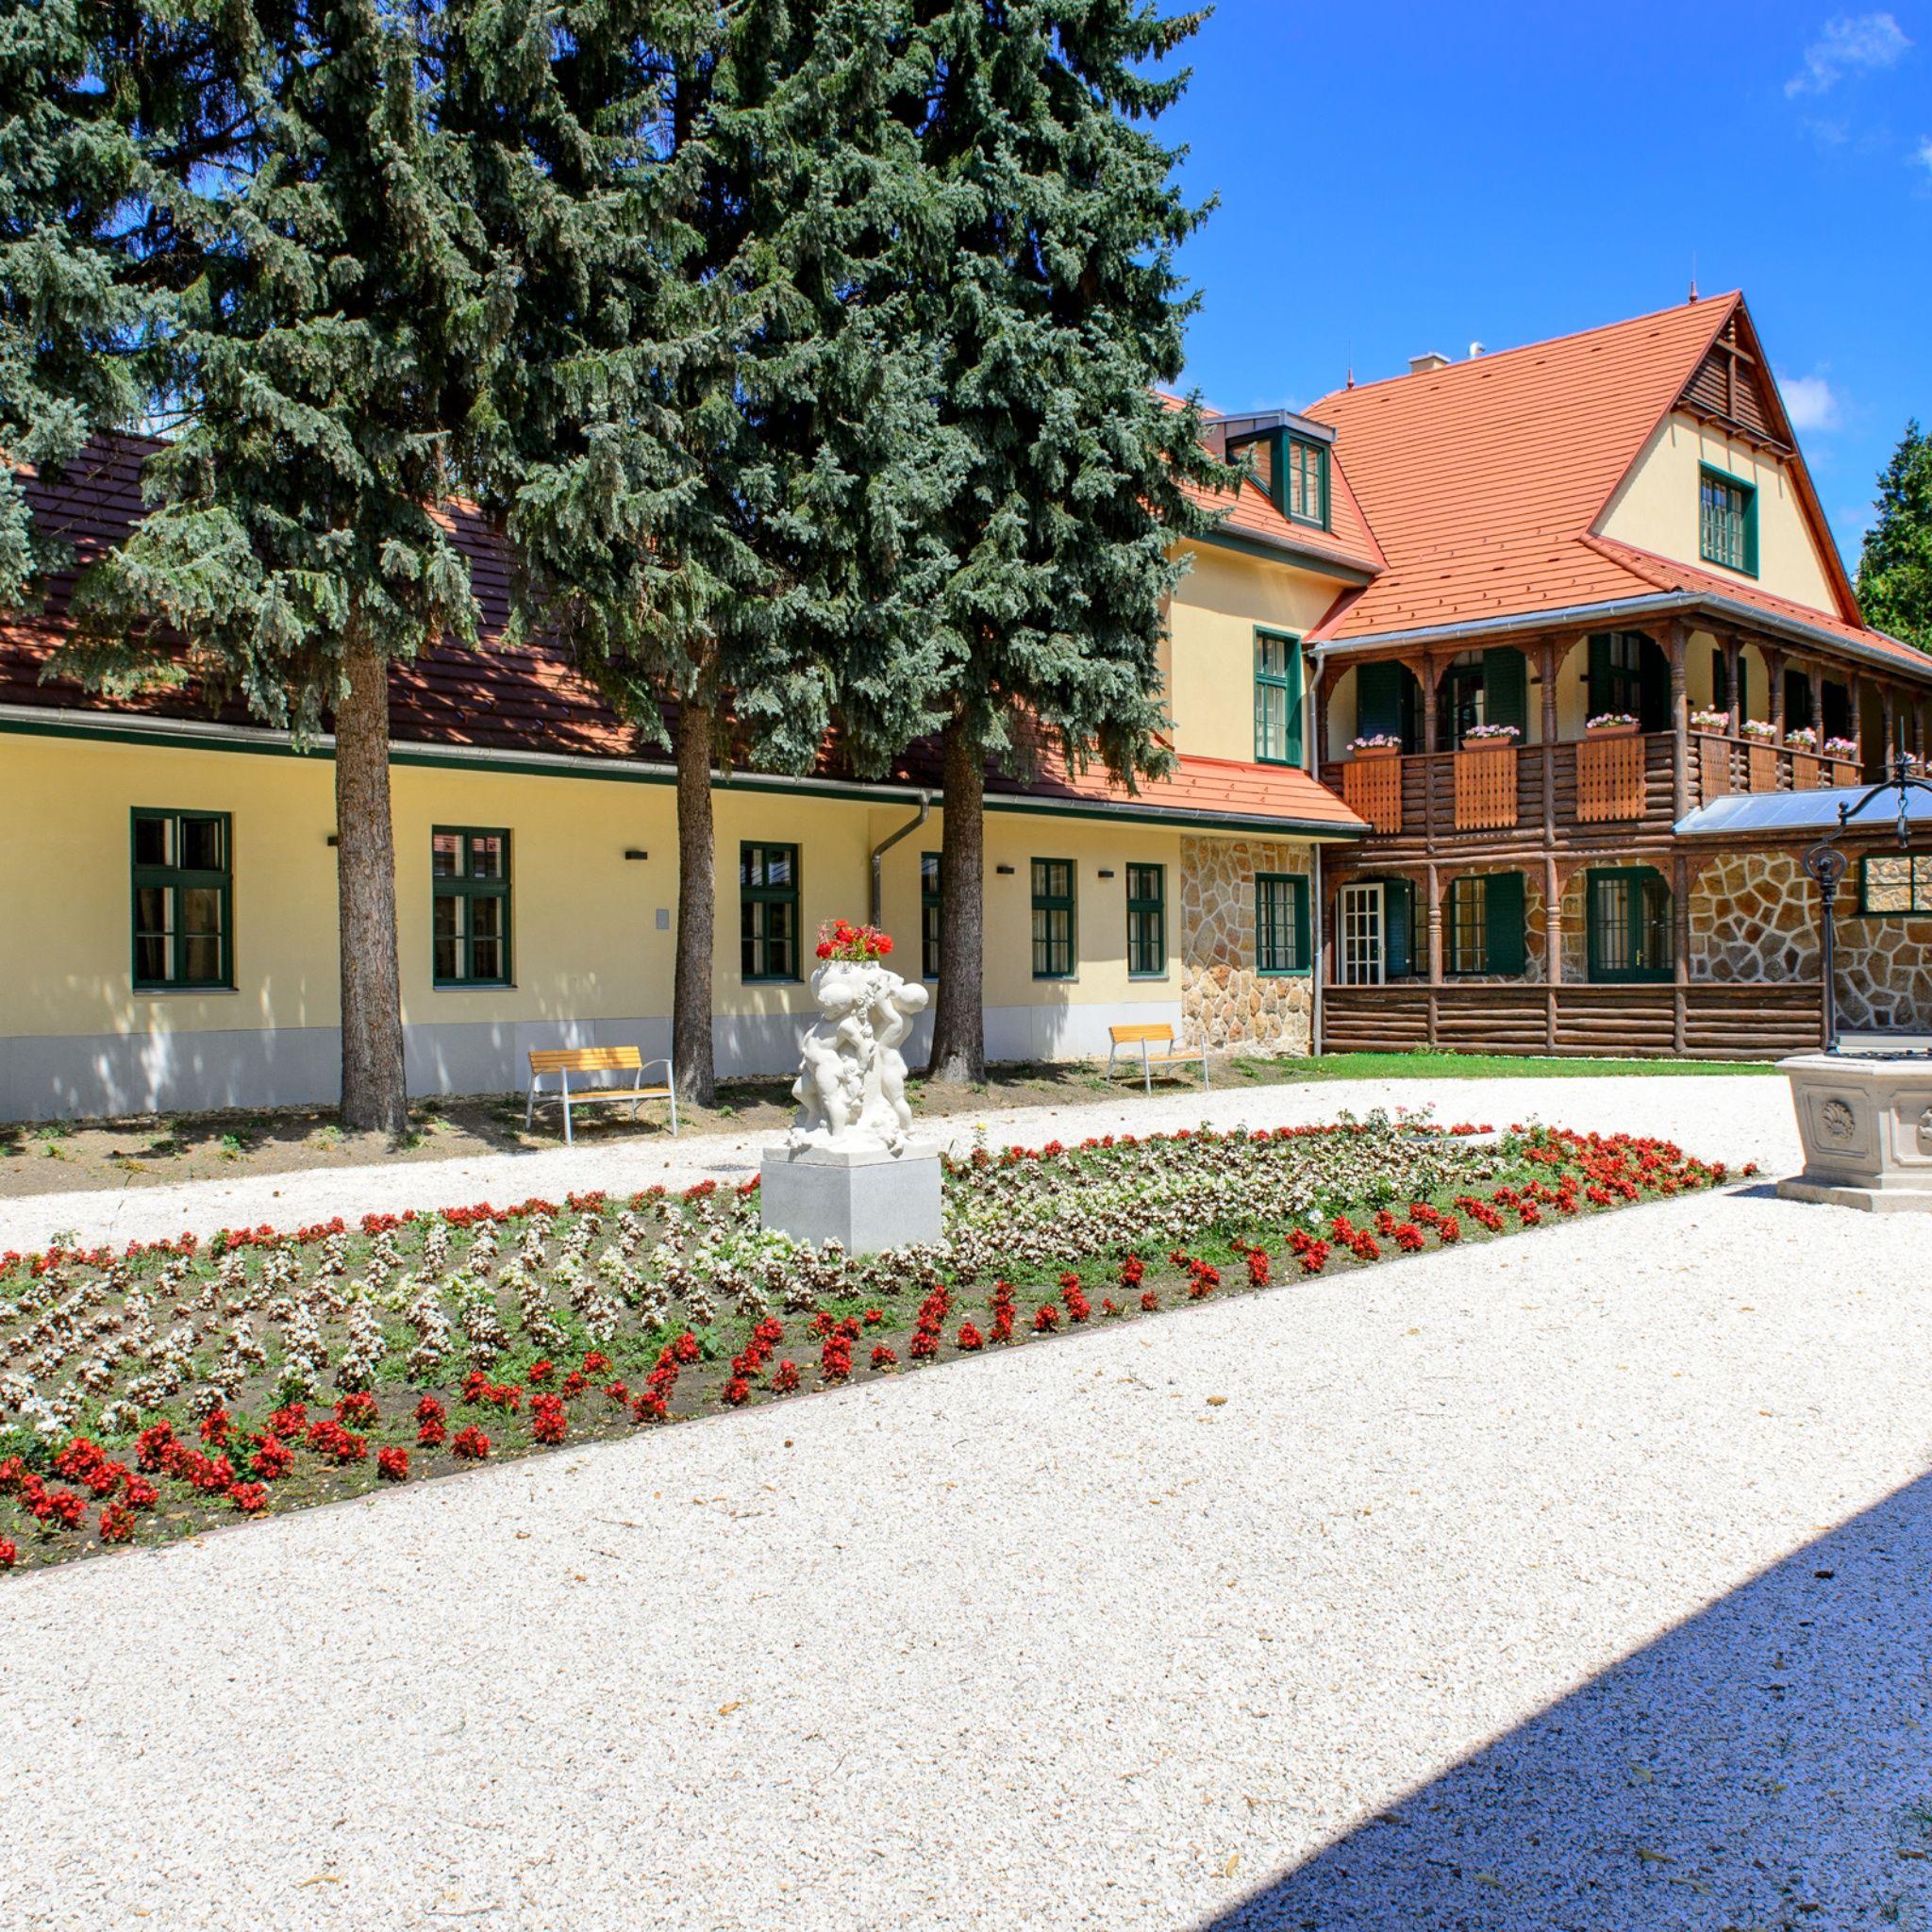 Klebelsberg Kastély Hotel Budapest - Park